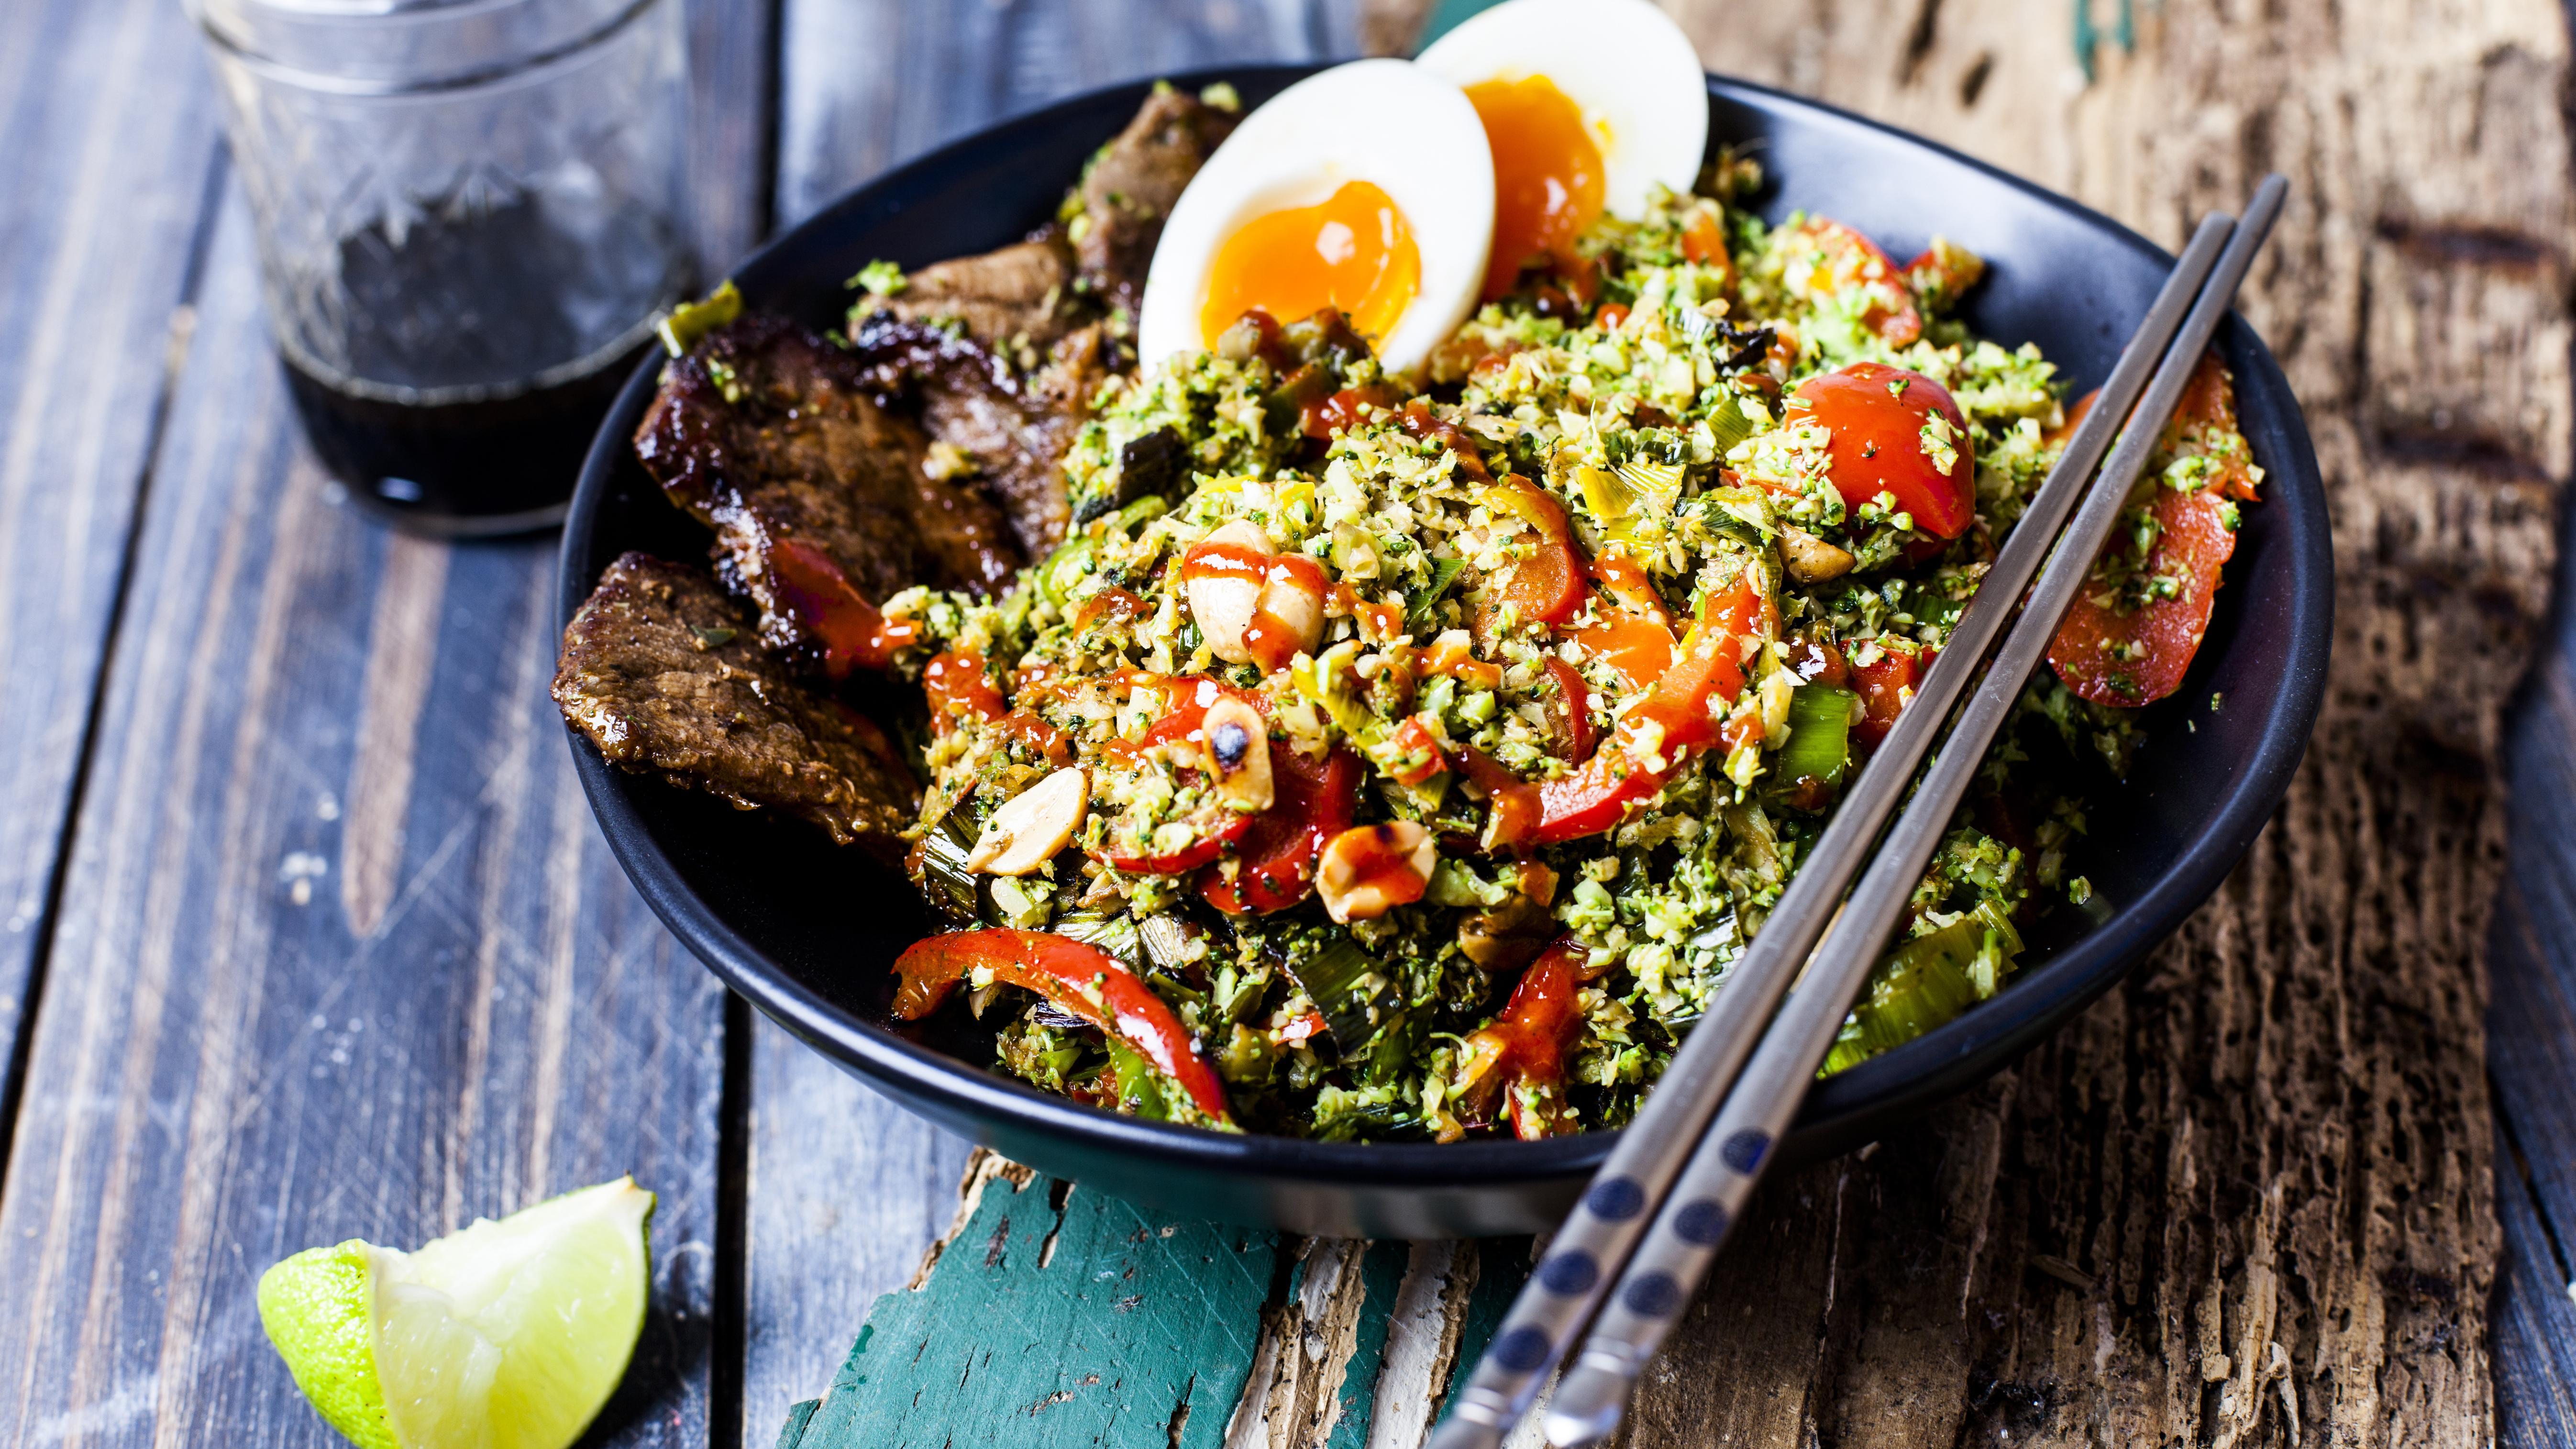 Ketogene Ernährung: Vor- und Nachteile der Low-Carb-Diät